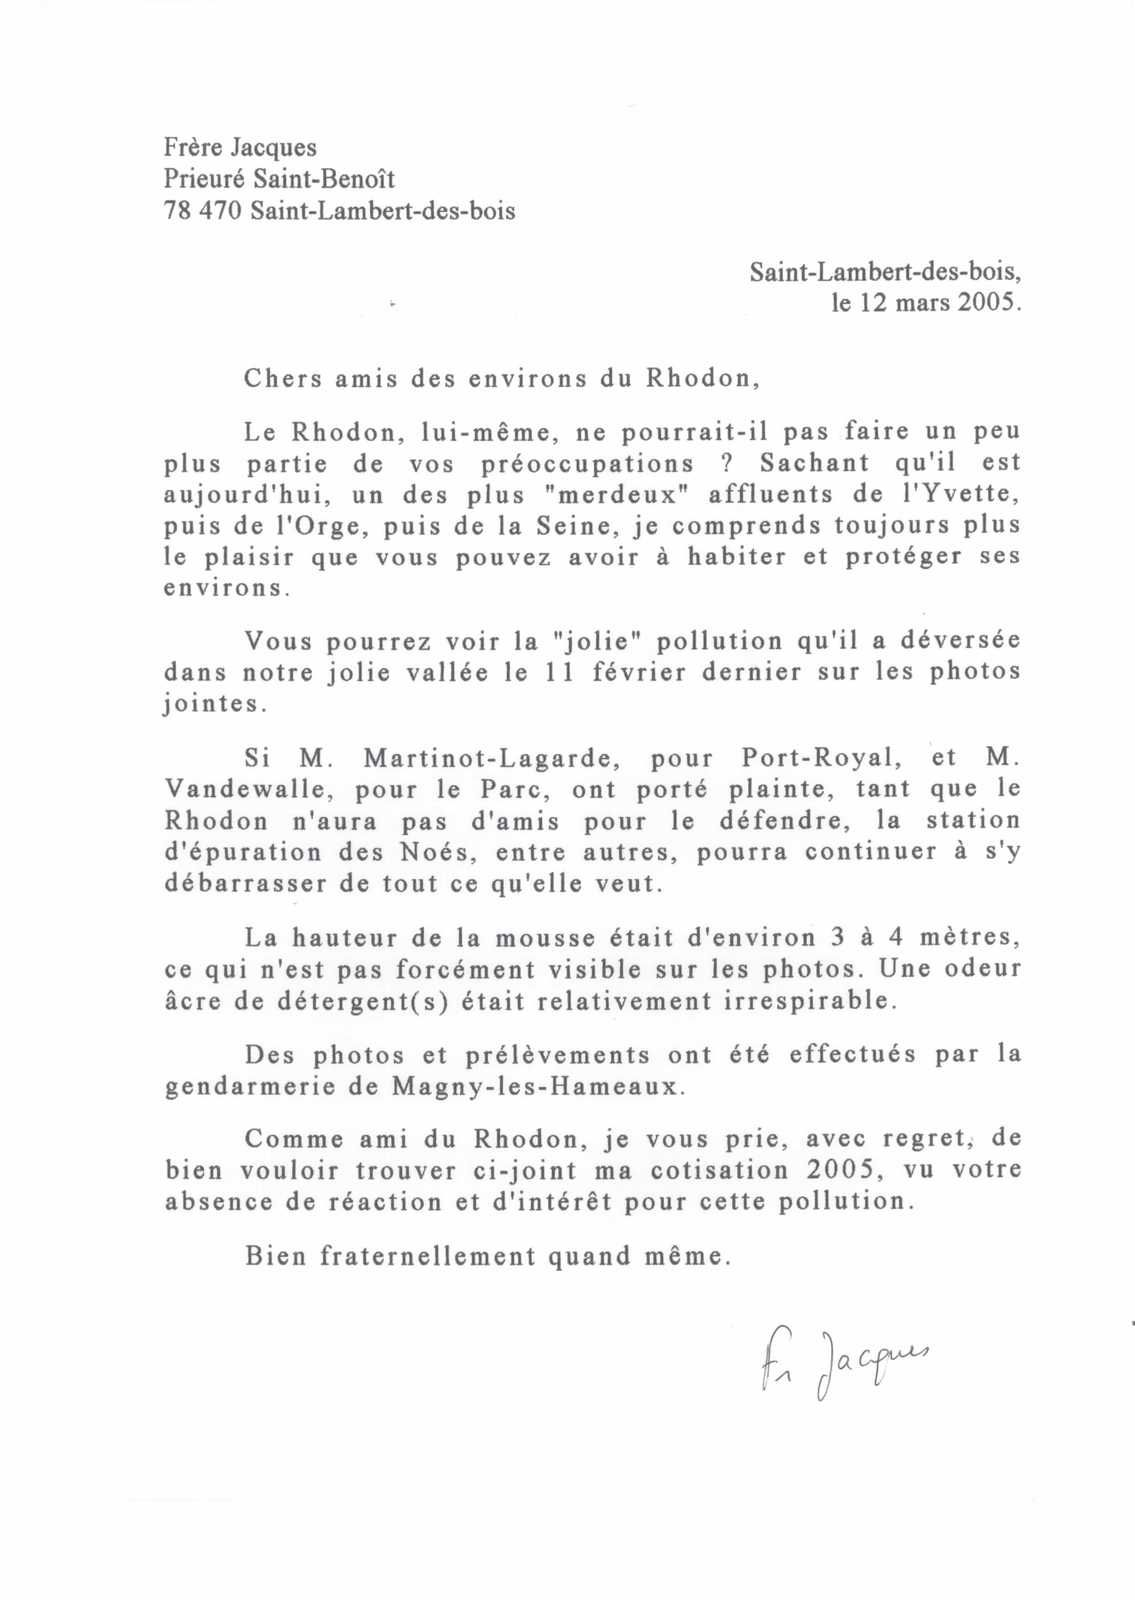 Rappel de la lettre de Frère Jacques de 2005 pour attirer notre attention sur la pollution du Rhodon . P.S.  Le Parc Naturel nous avait indiqué qu'il n'a en réalité pas porté plainte, faute d'avoir été au courant de la pollution avant sa disparition.